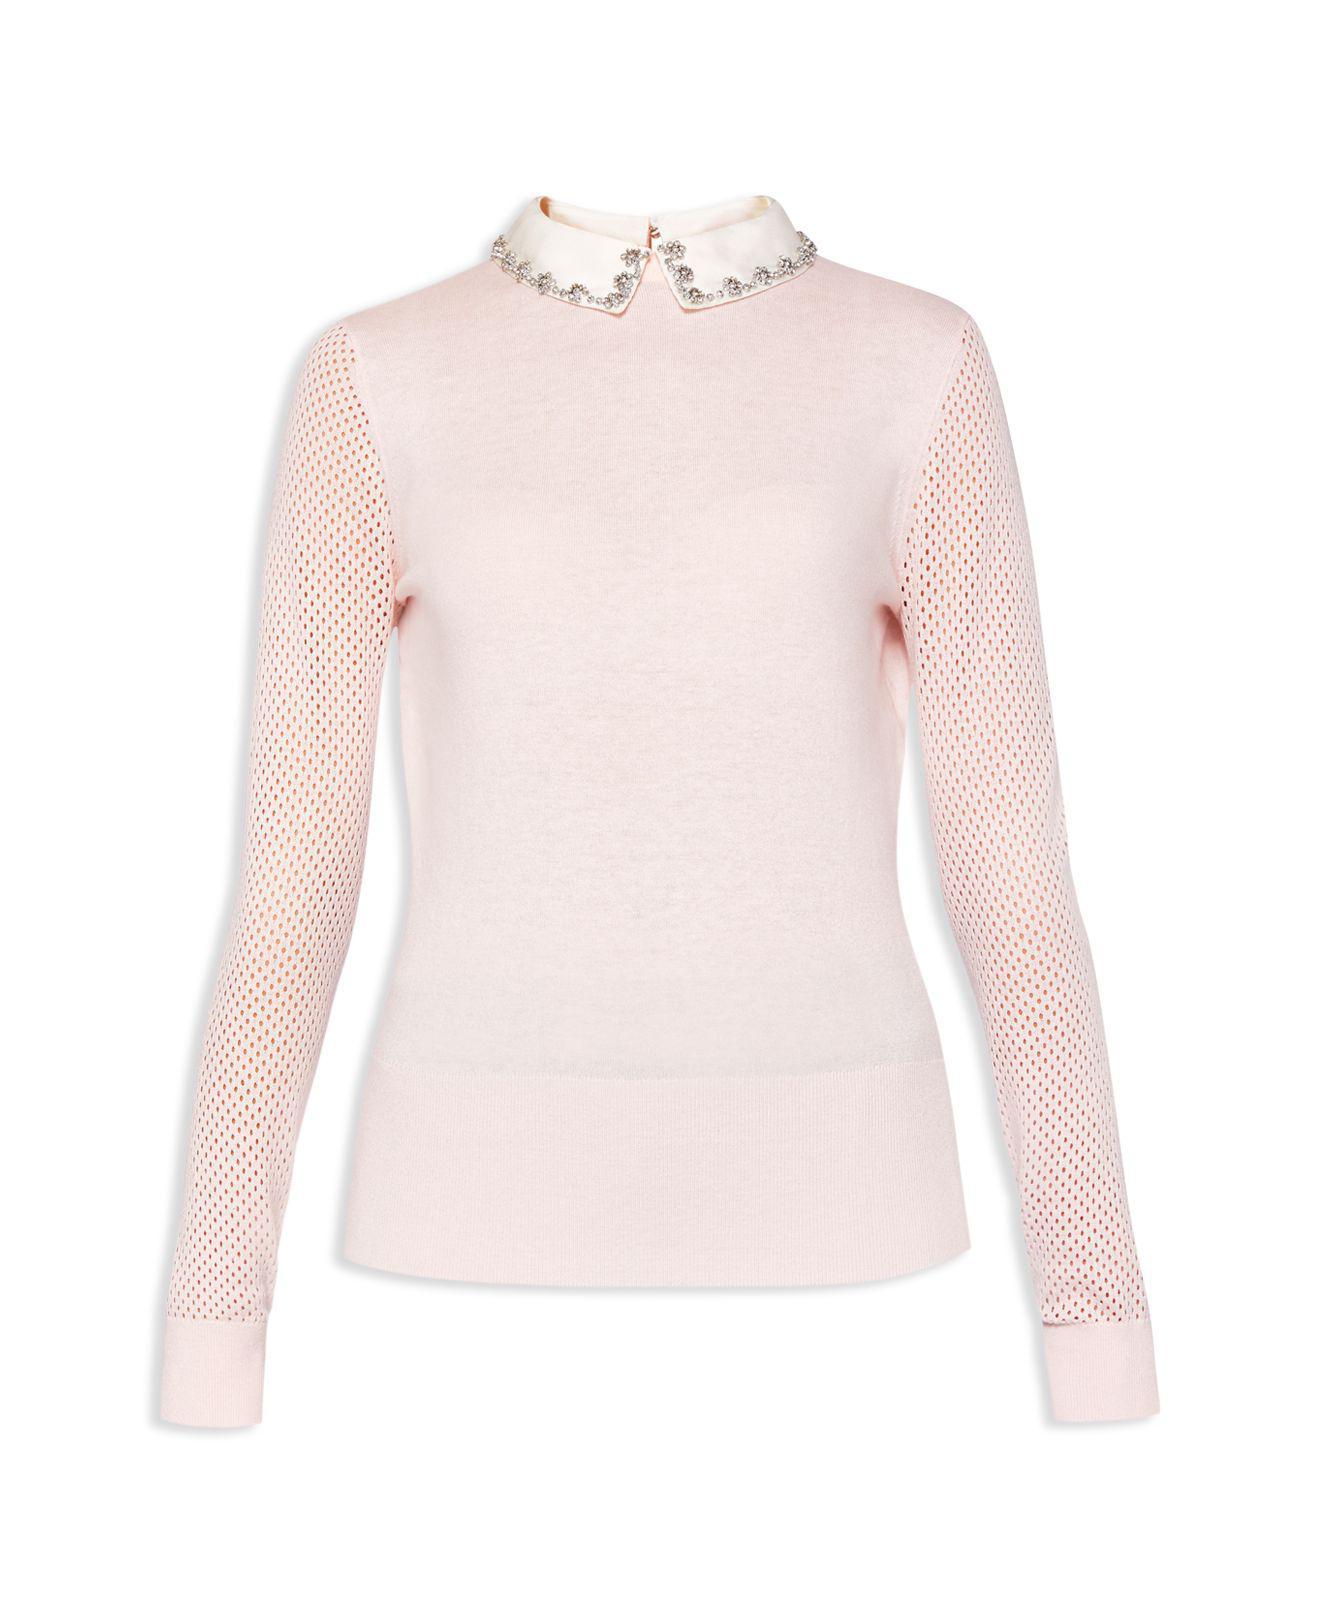 883402934eae Lyst - Ted Baker Braydey Embellished Collar Jumper in Pink